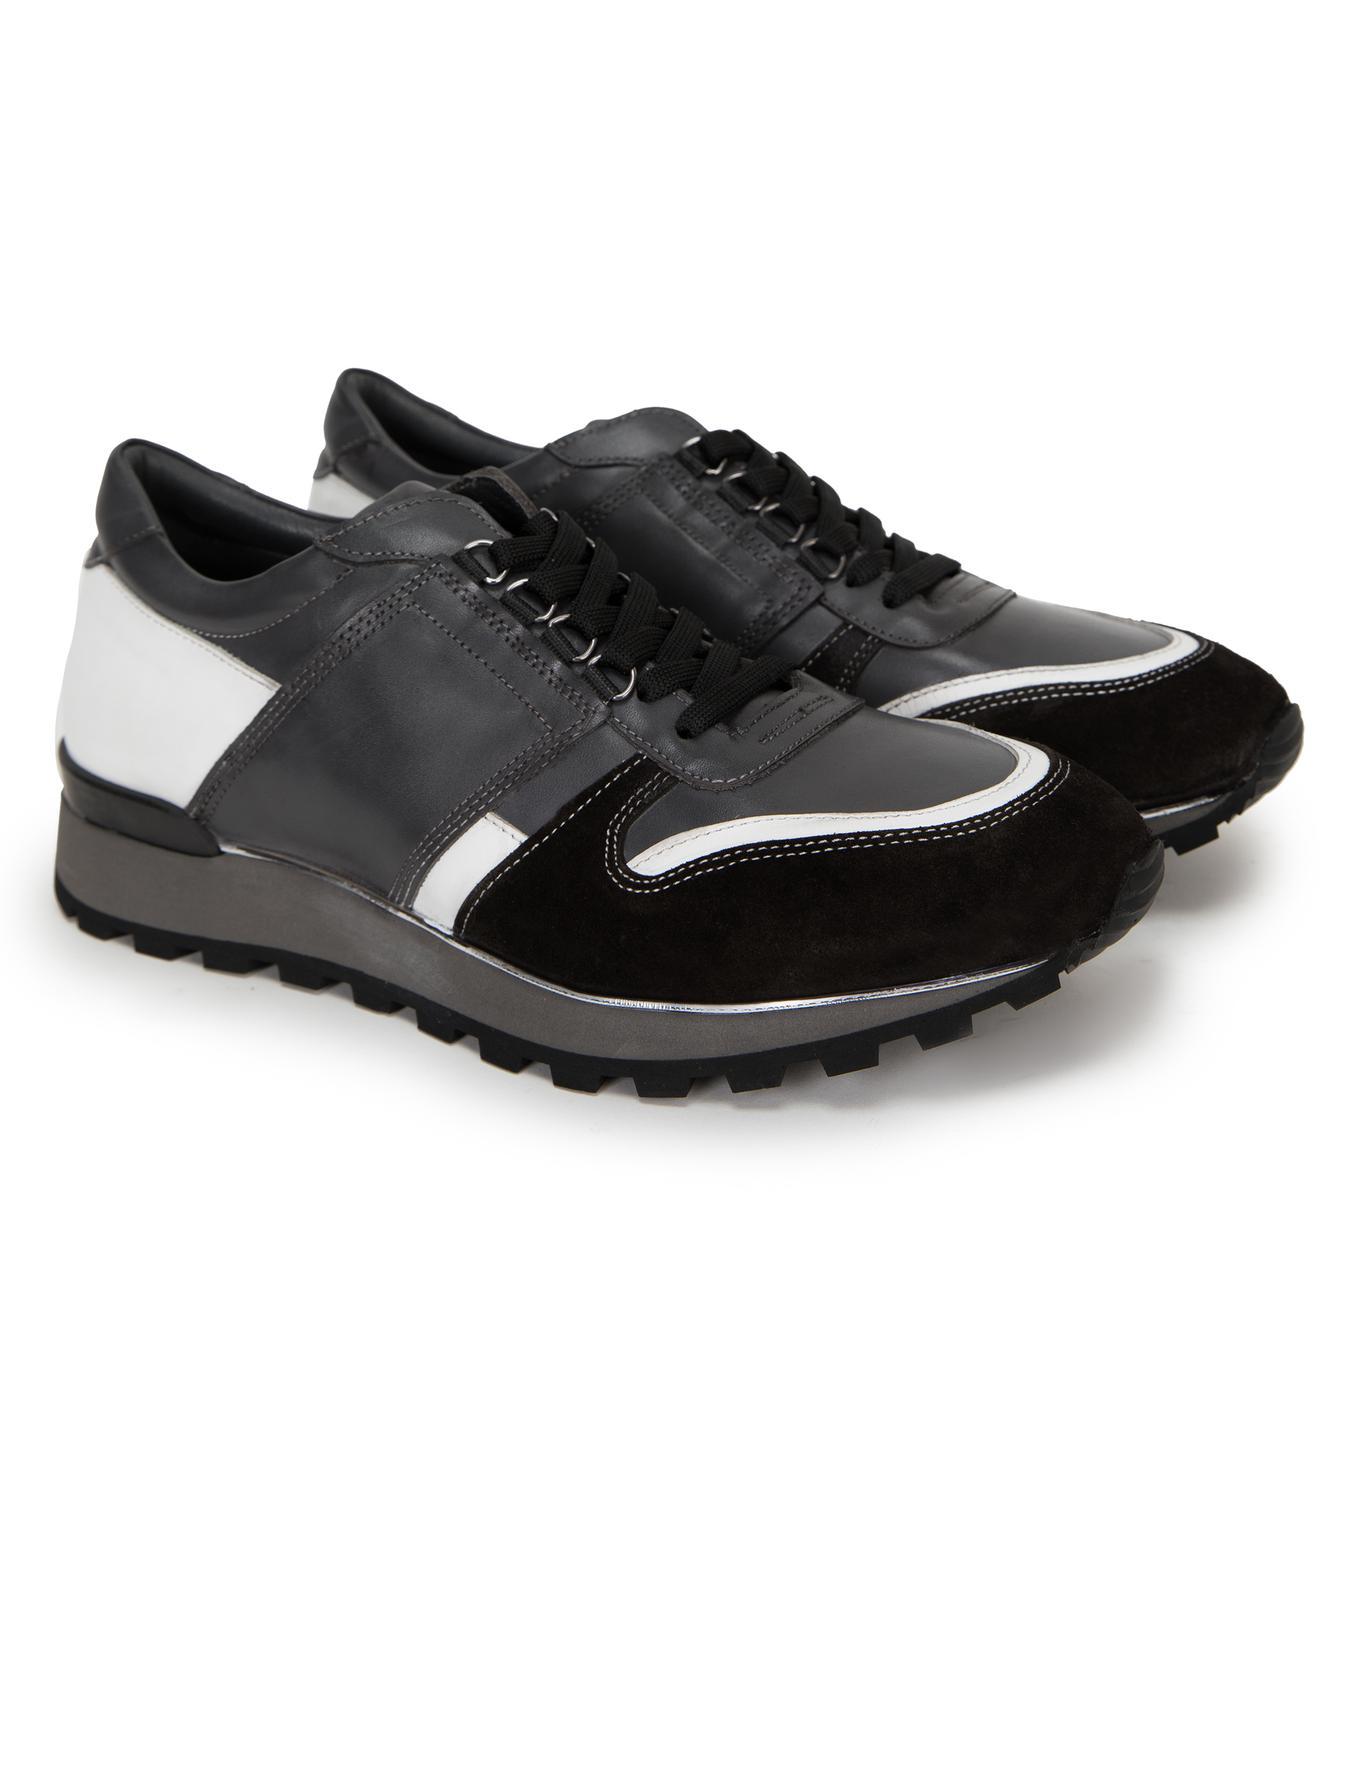 Siyah Klasik Ayakkabı - 50230187004